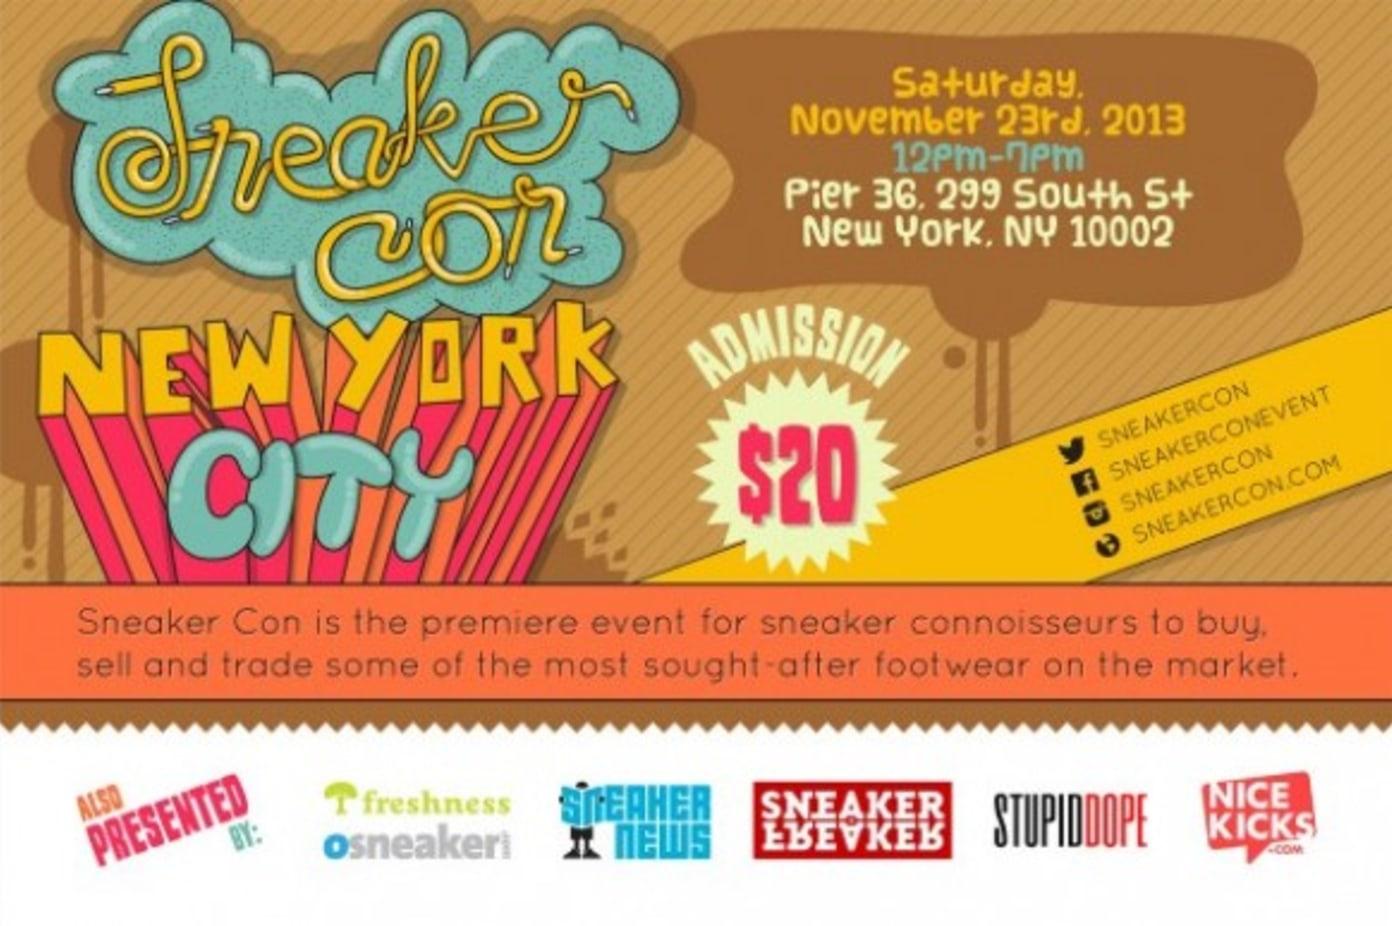 Sneaker Con NYC November 23rd